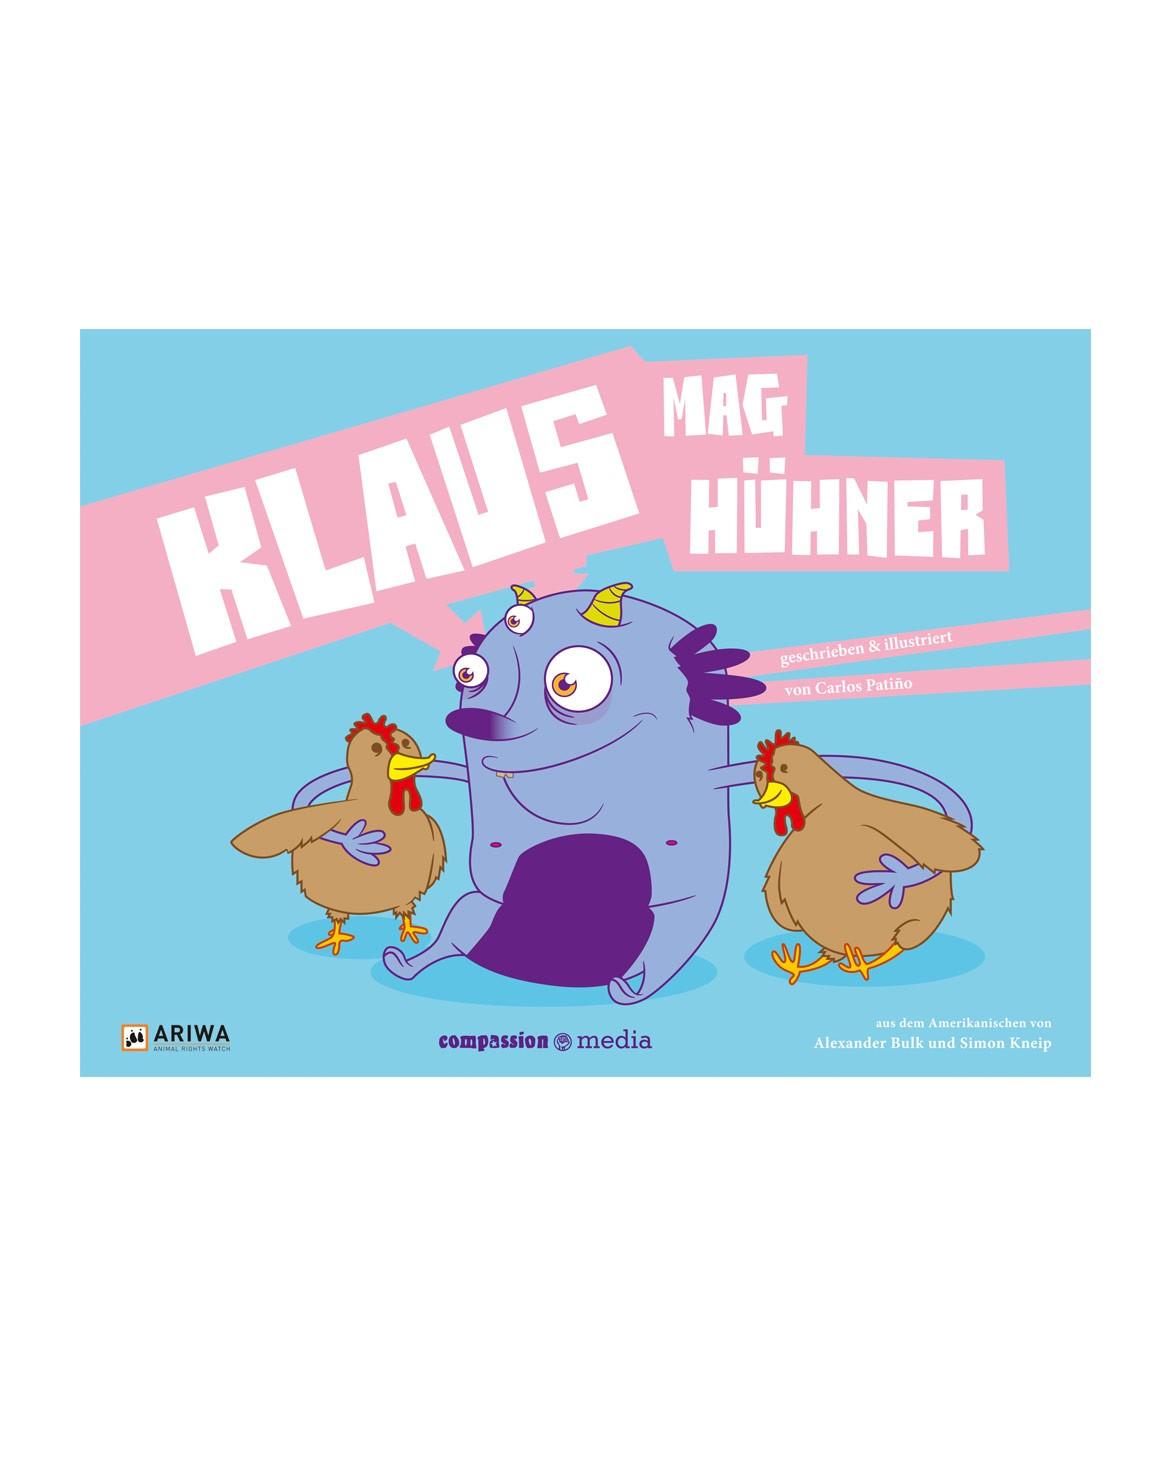 Klaus mag Hühner Kinderbuch